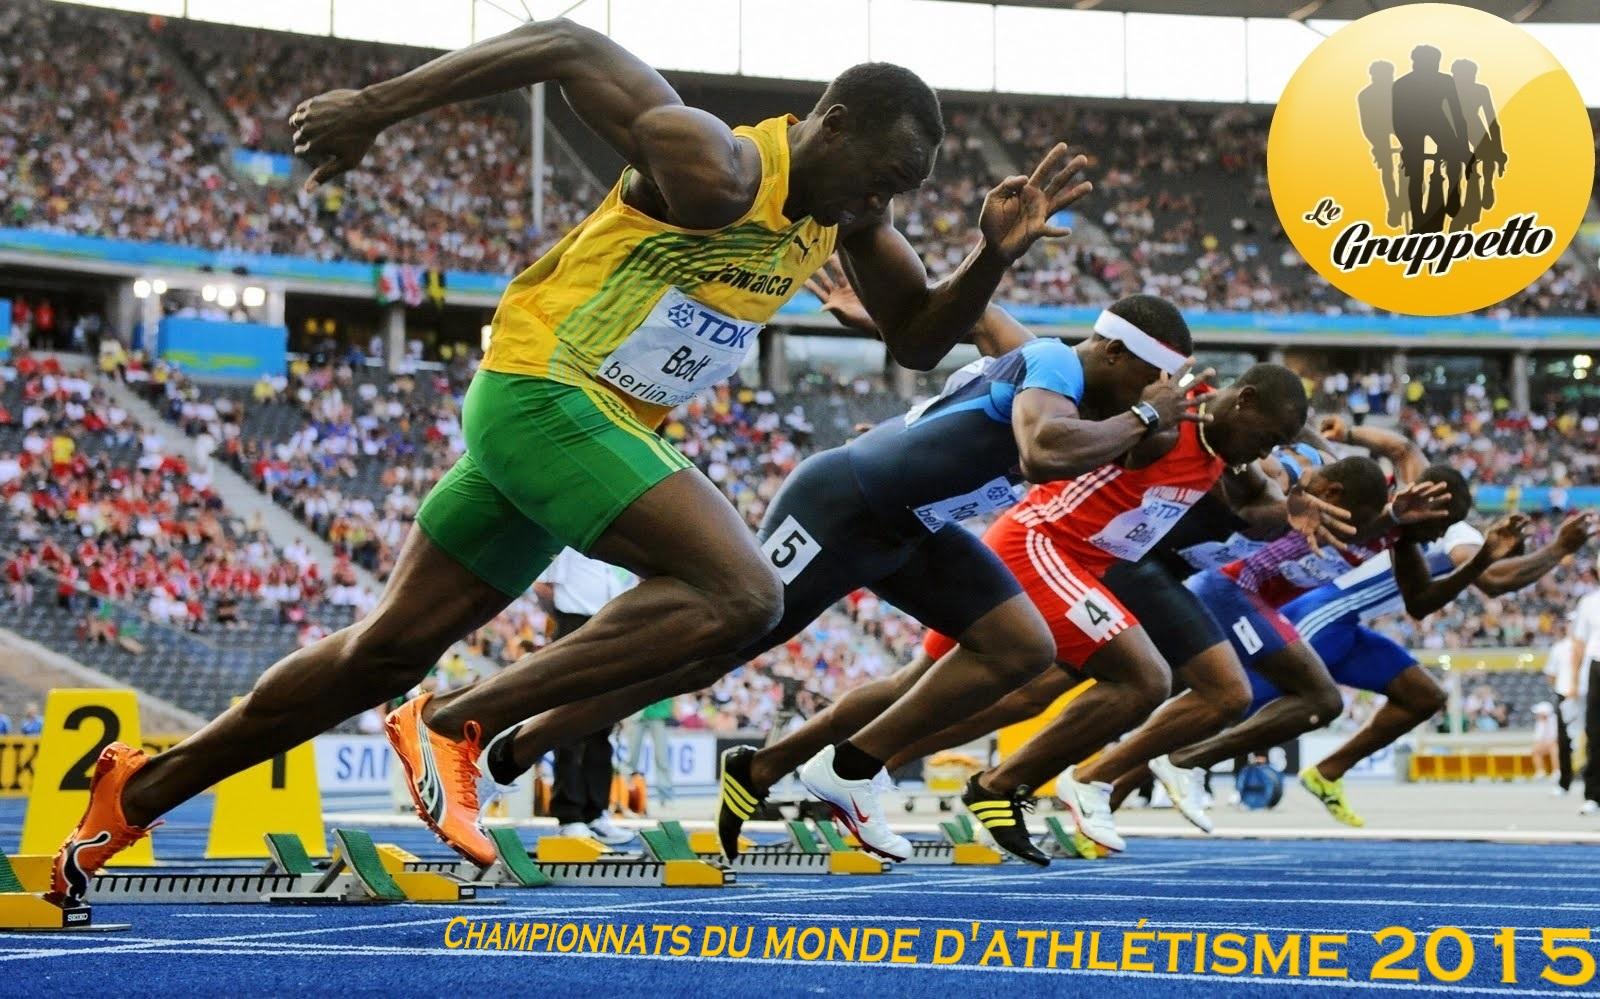 Championnats du monde d 39 athl tisme 2015 sports le for Championnat du monde de boules carrees